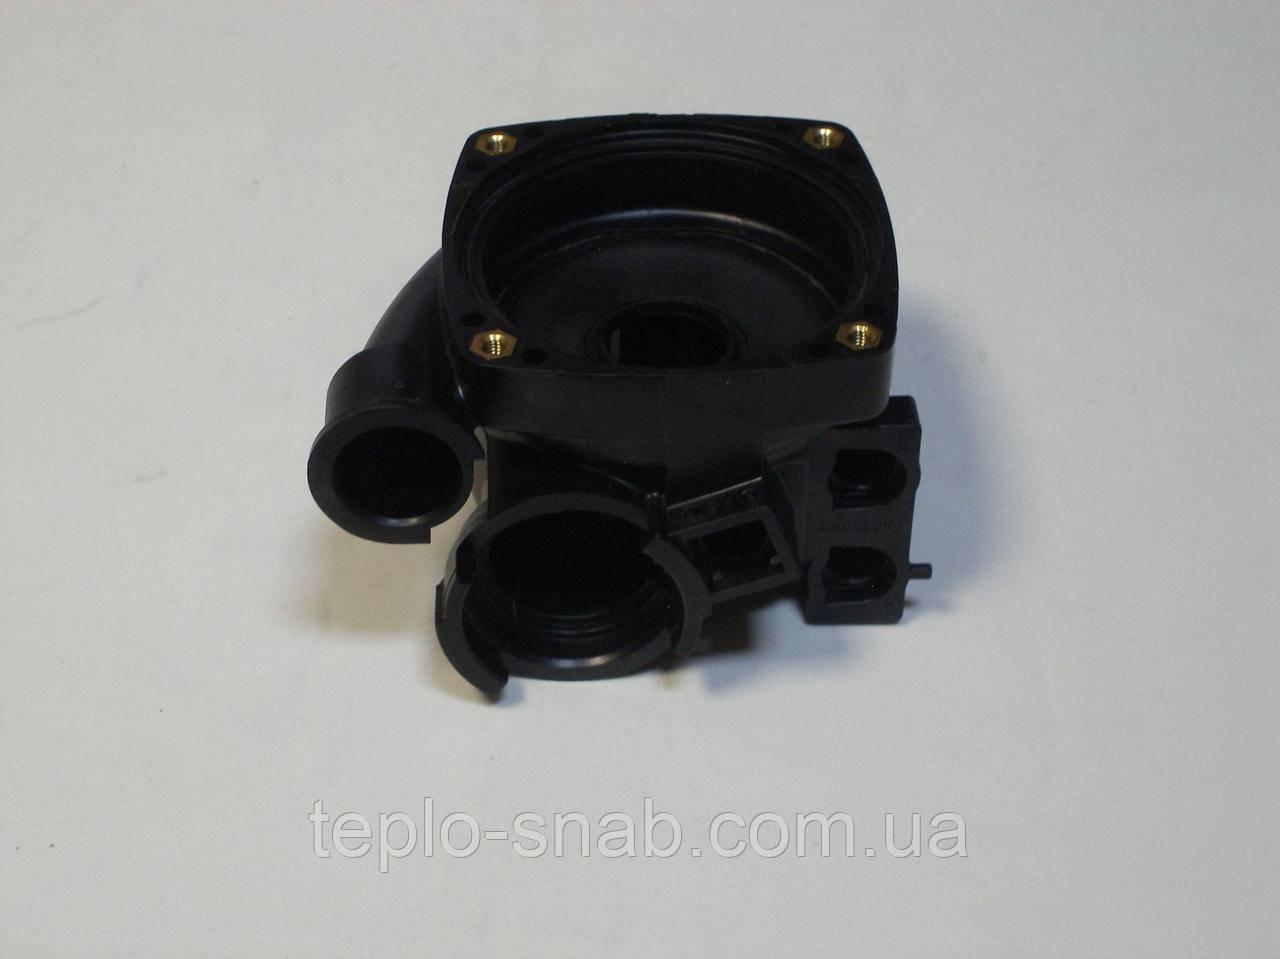 Улитка (задняя часть) циркуляционного насоса (без коллектора обратки 03.075) Immergas 1.028554